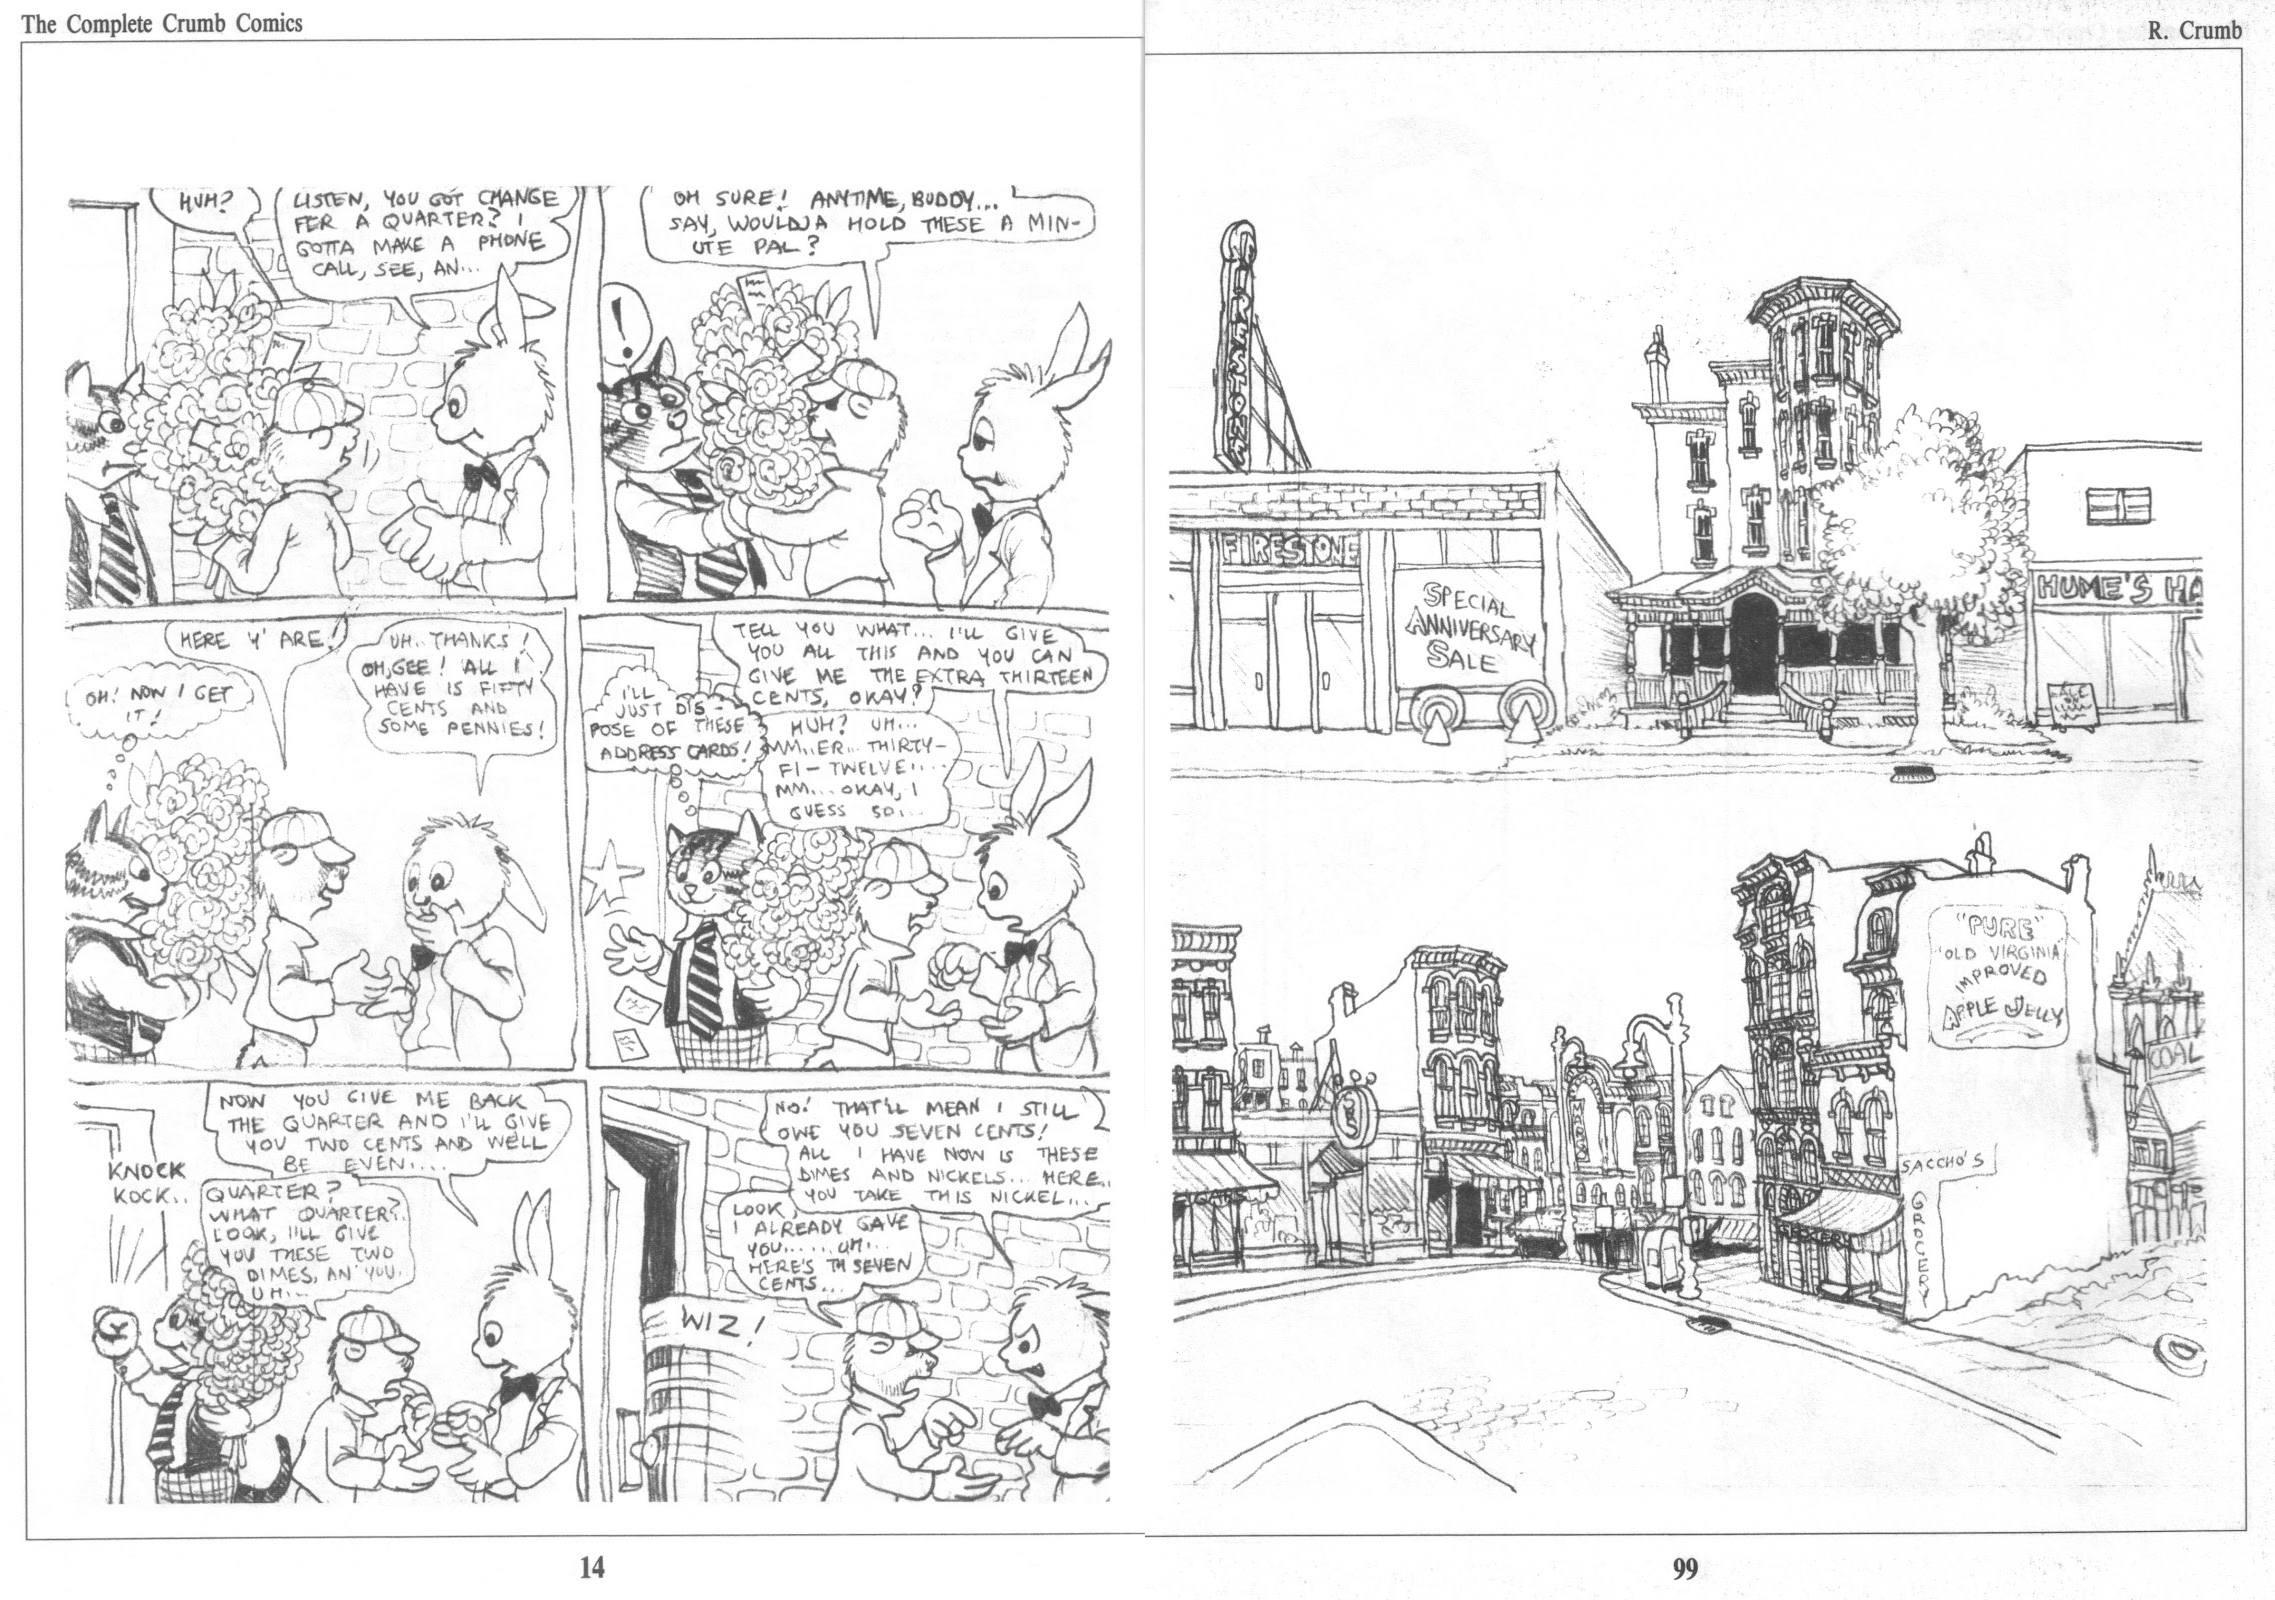 Complete Crumb Comics Vol 2 review